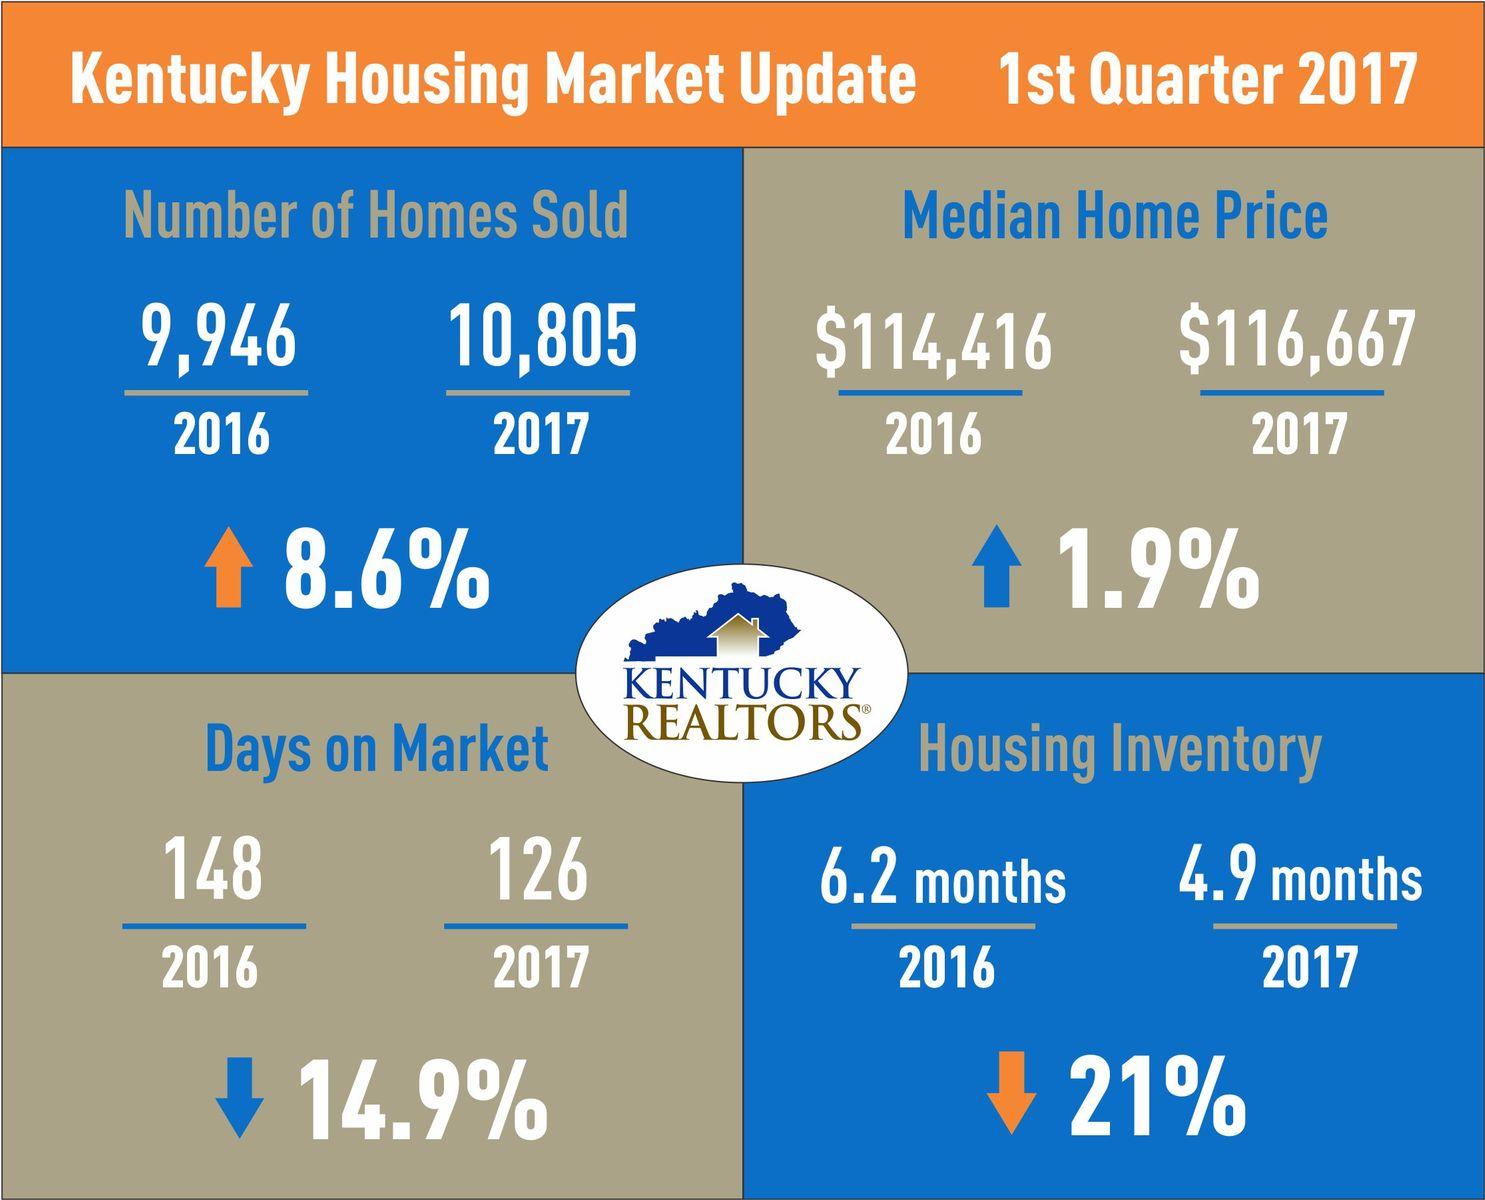 Kentucky Housing Market Update 1Q2017